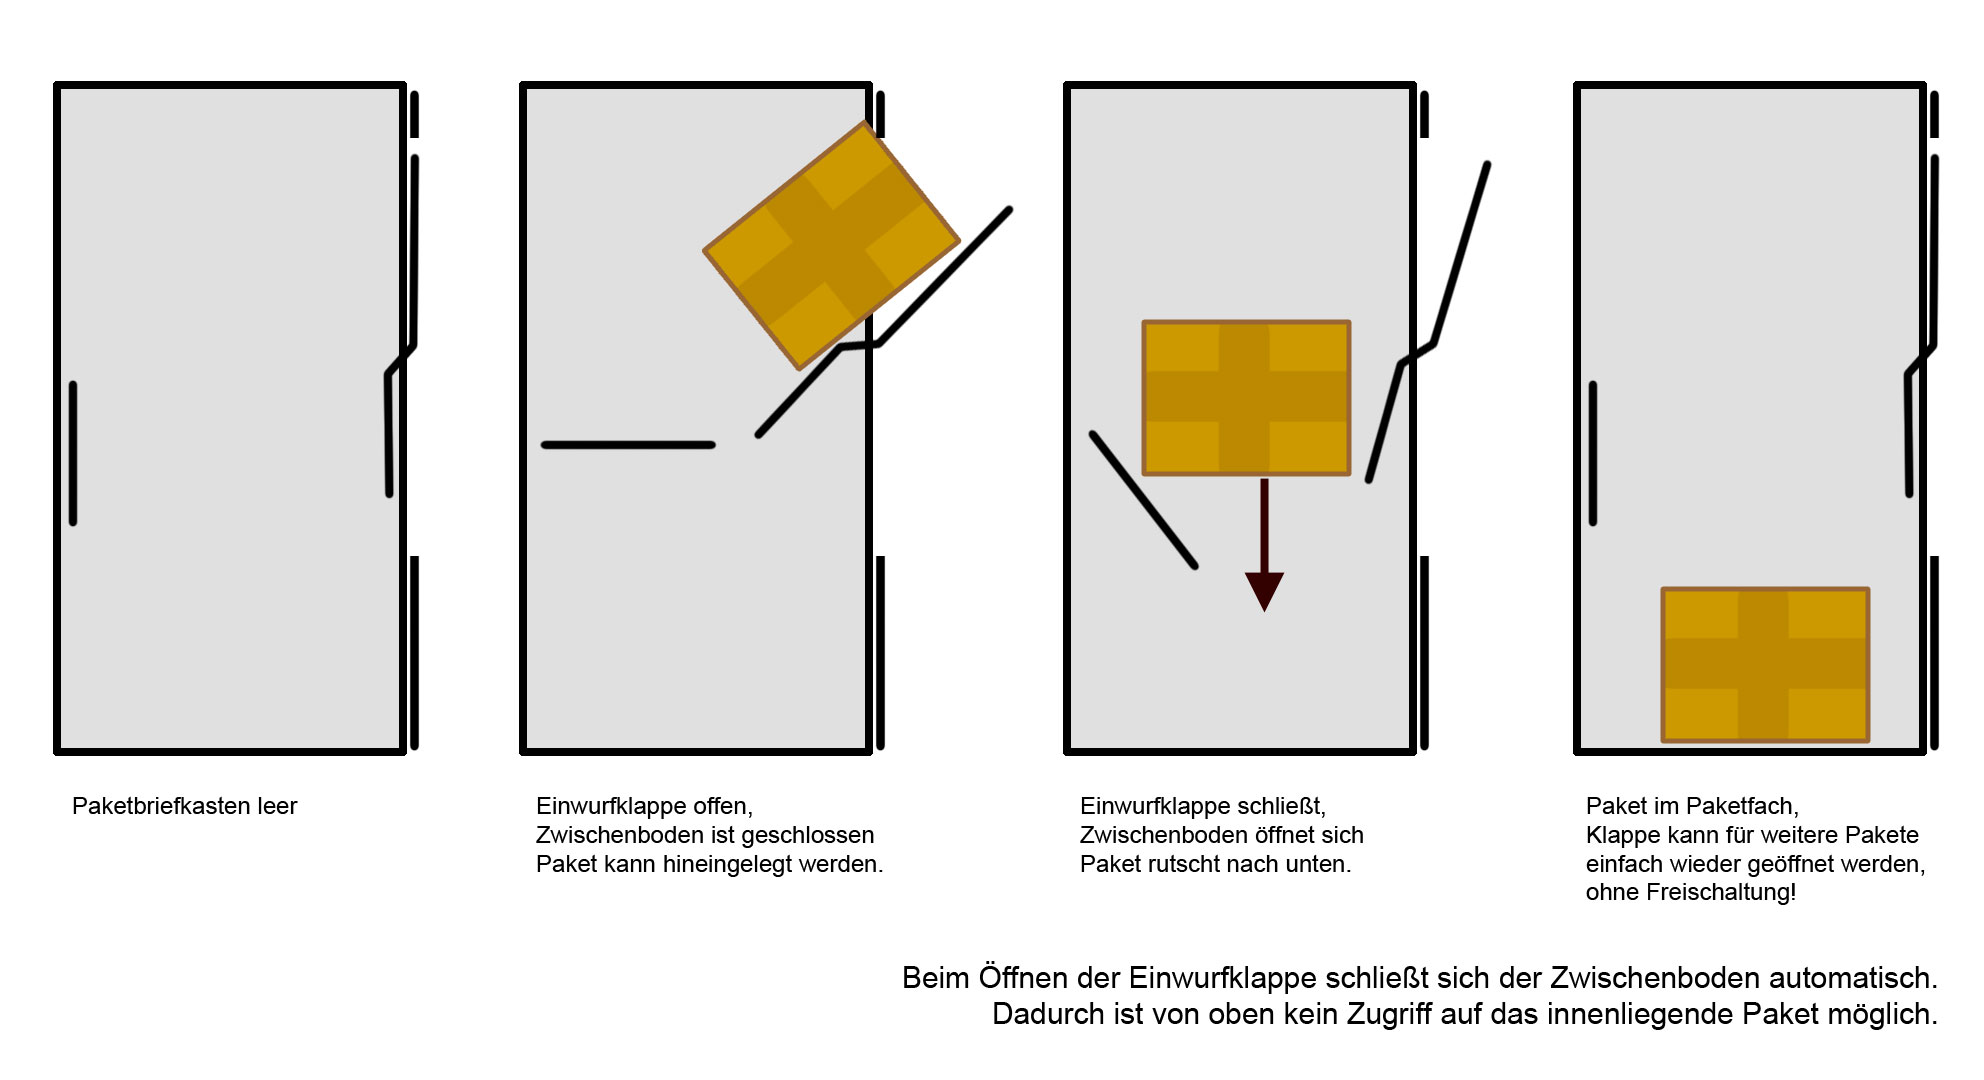 Paketbriefkasten Goat Gardenproducts Chic-L 41x38x73cm Bild 9